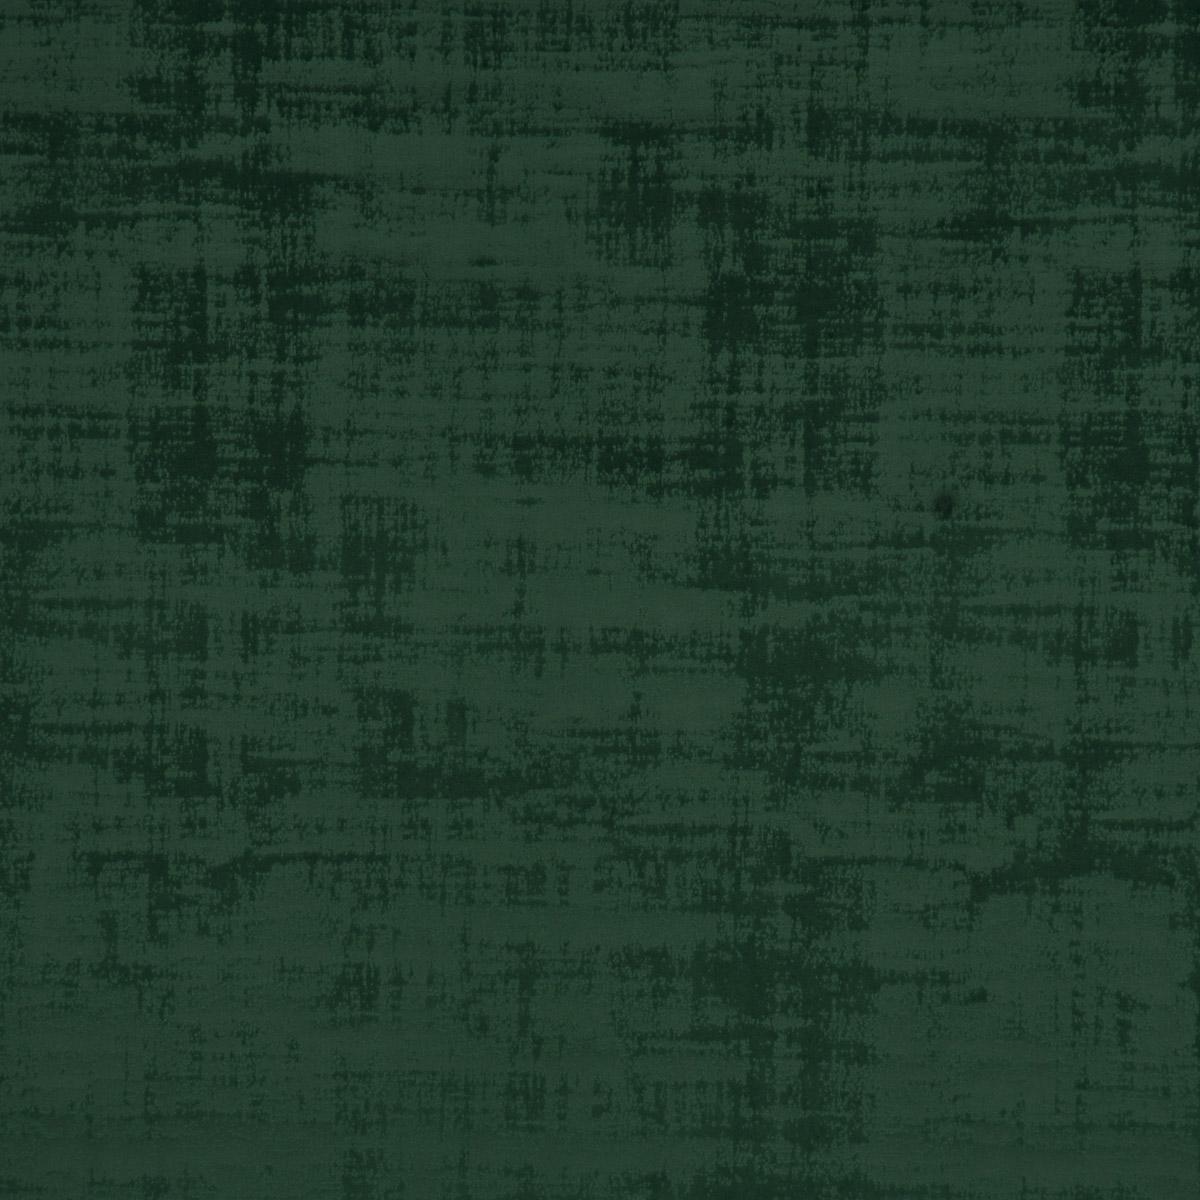 Samtstoff Dekostoff Velvet Marble Samt mit Struktur uni grün 1,40m Breite